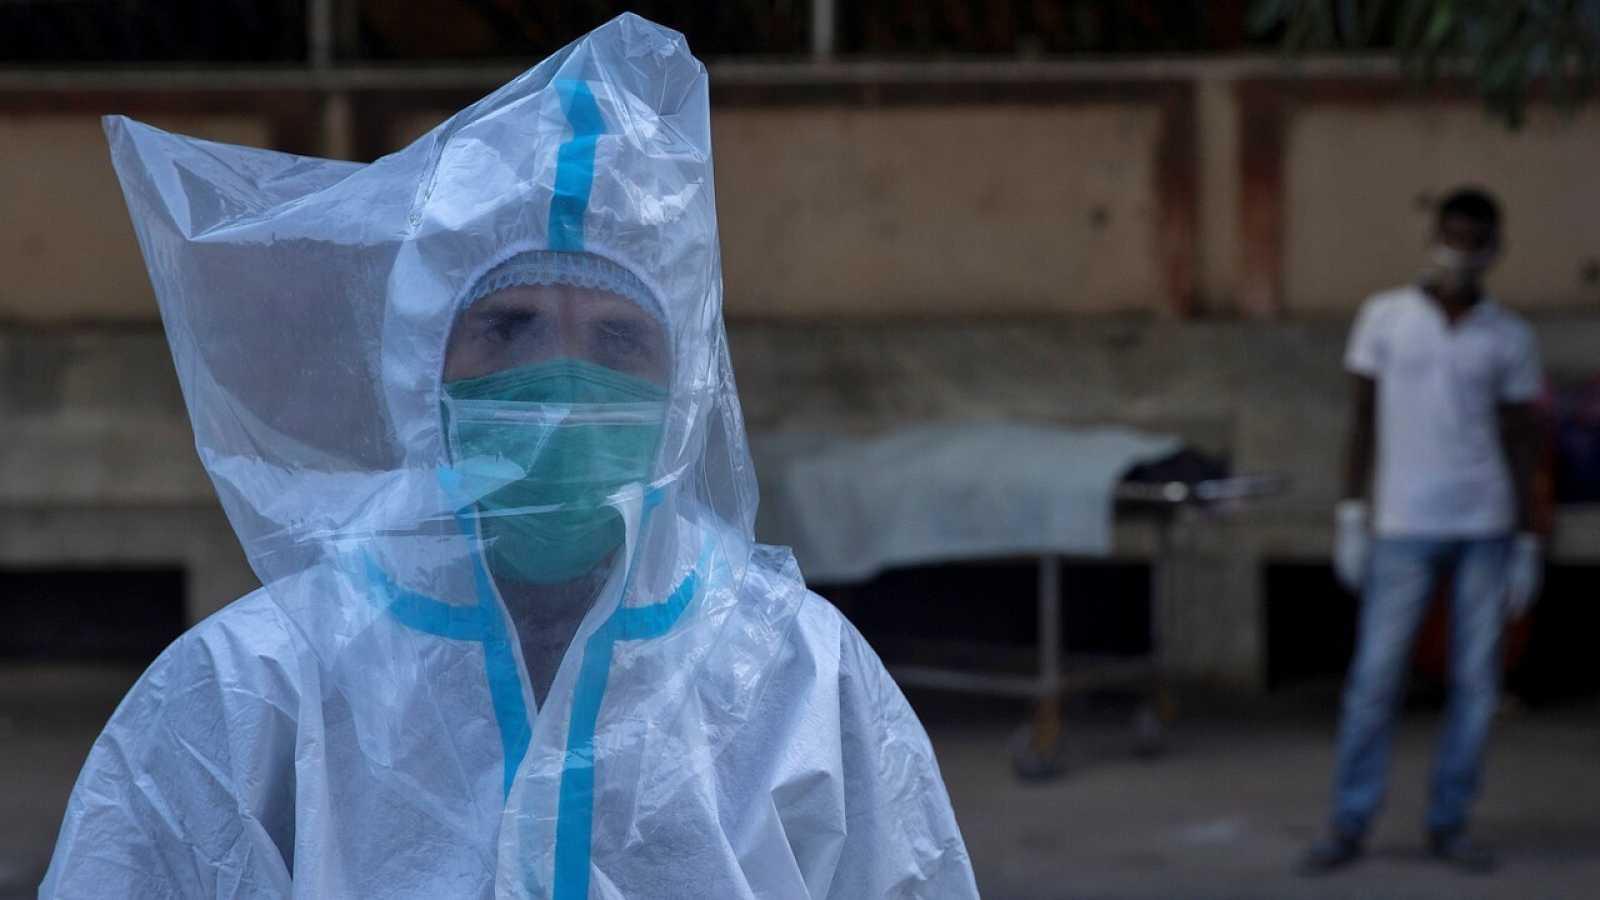 Sanitario con ropa protectora en la India. REUTERS/Danish Siddiqui